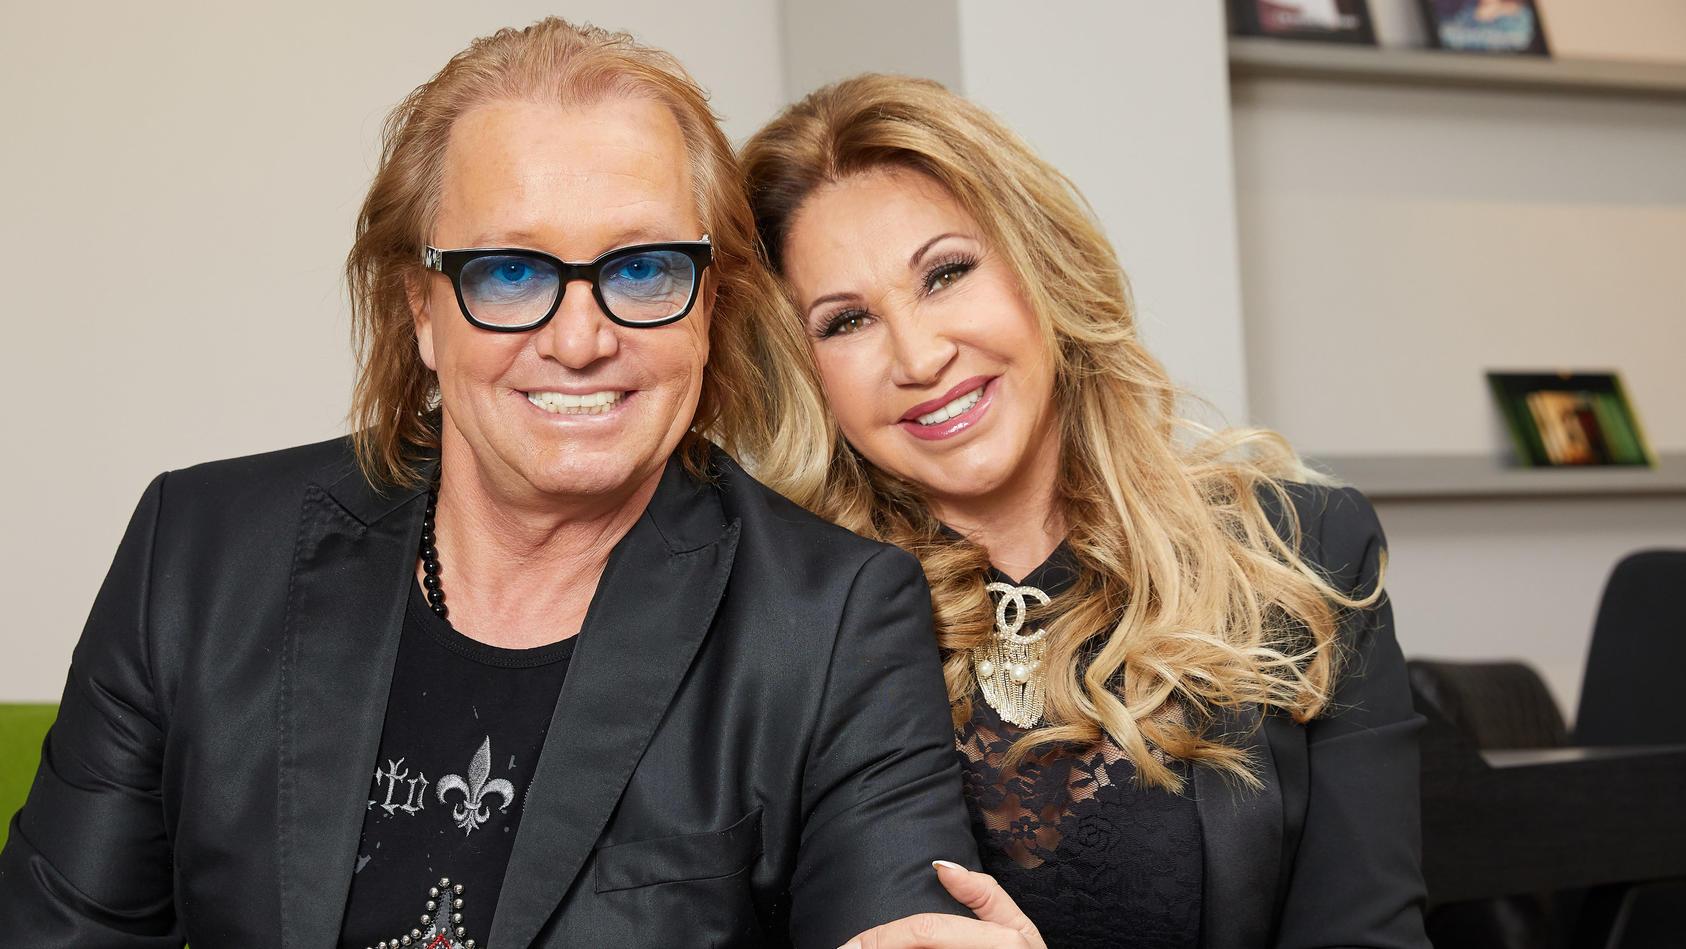 Robert und Carmen Geiss haben seid 10 Jahren ihre eigene TV-Show.